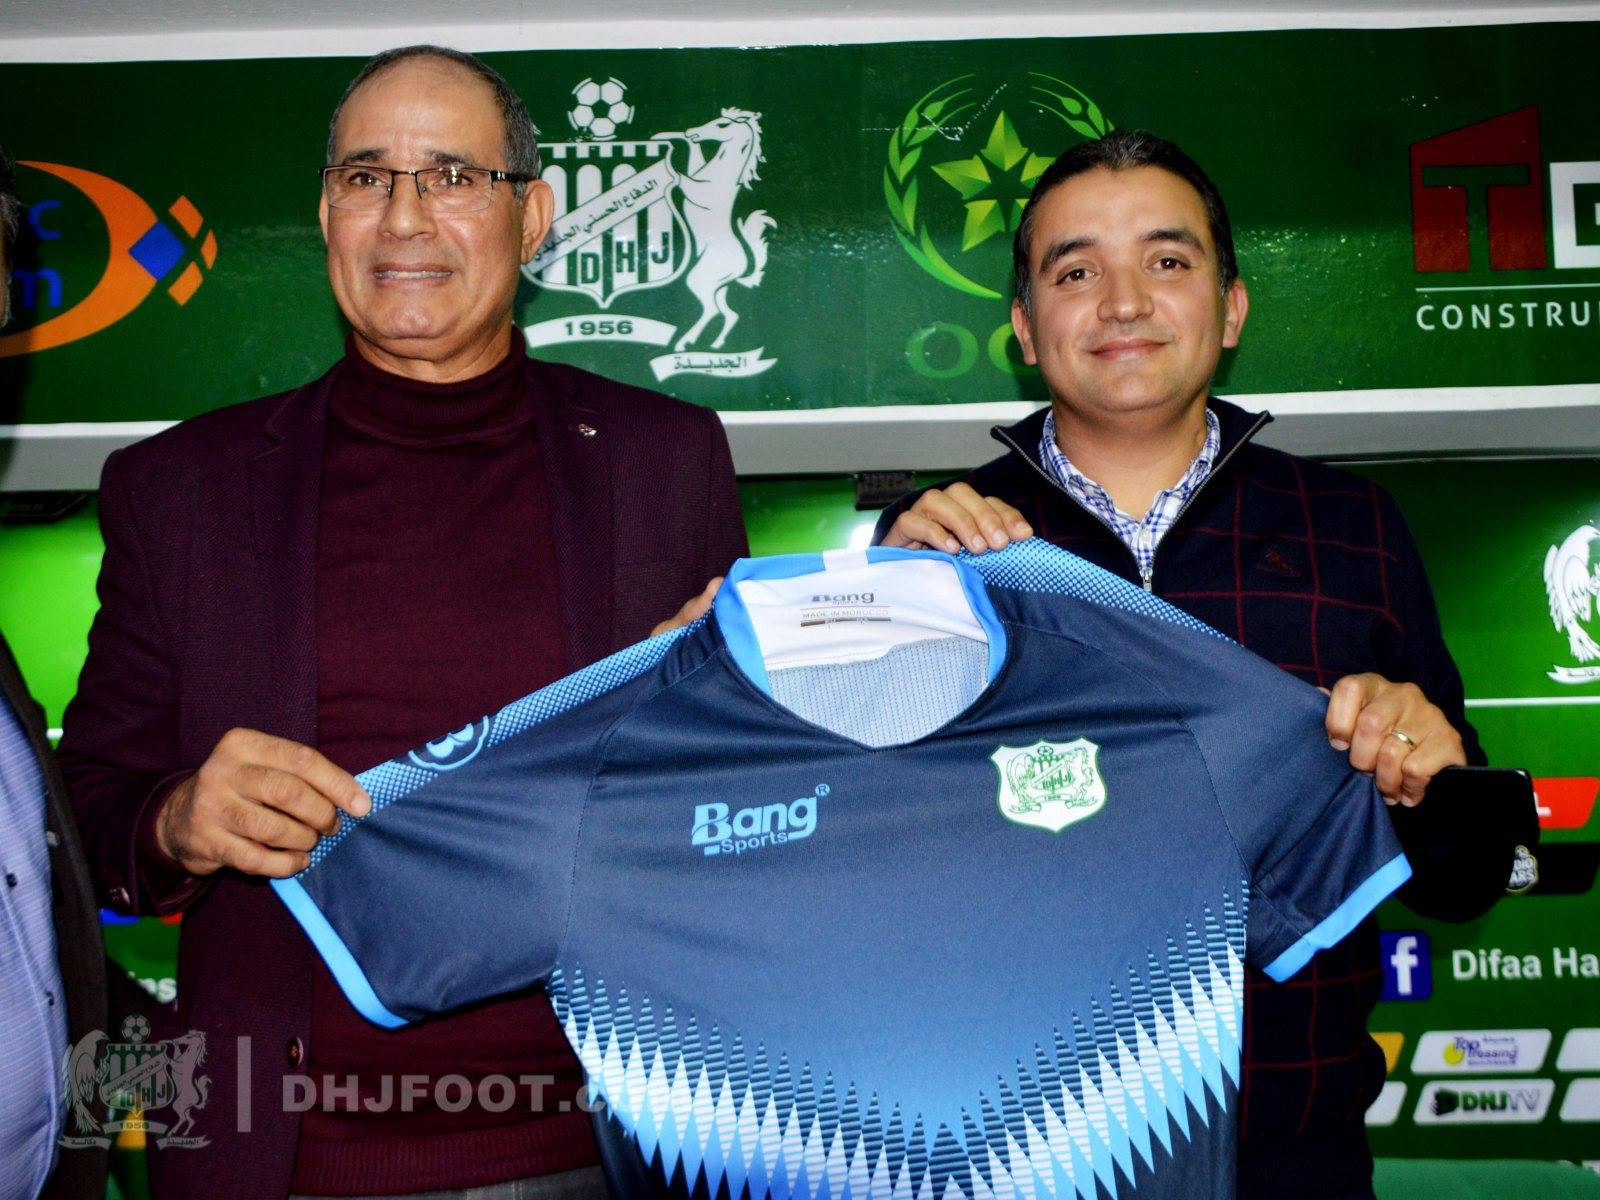 الدفاع الحسني الجديدي يقدم مدربه الجديد الإطار الوطني بادو الزاكي